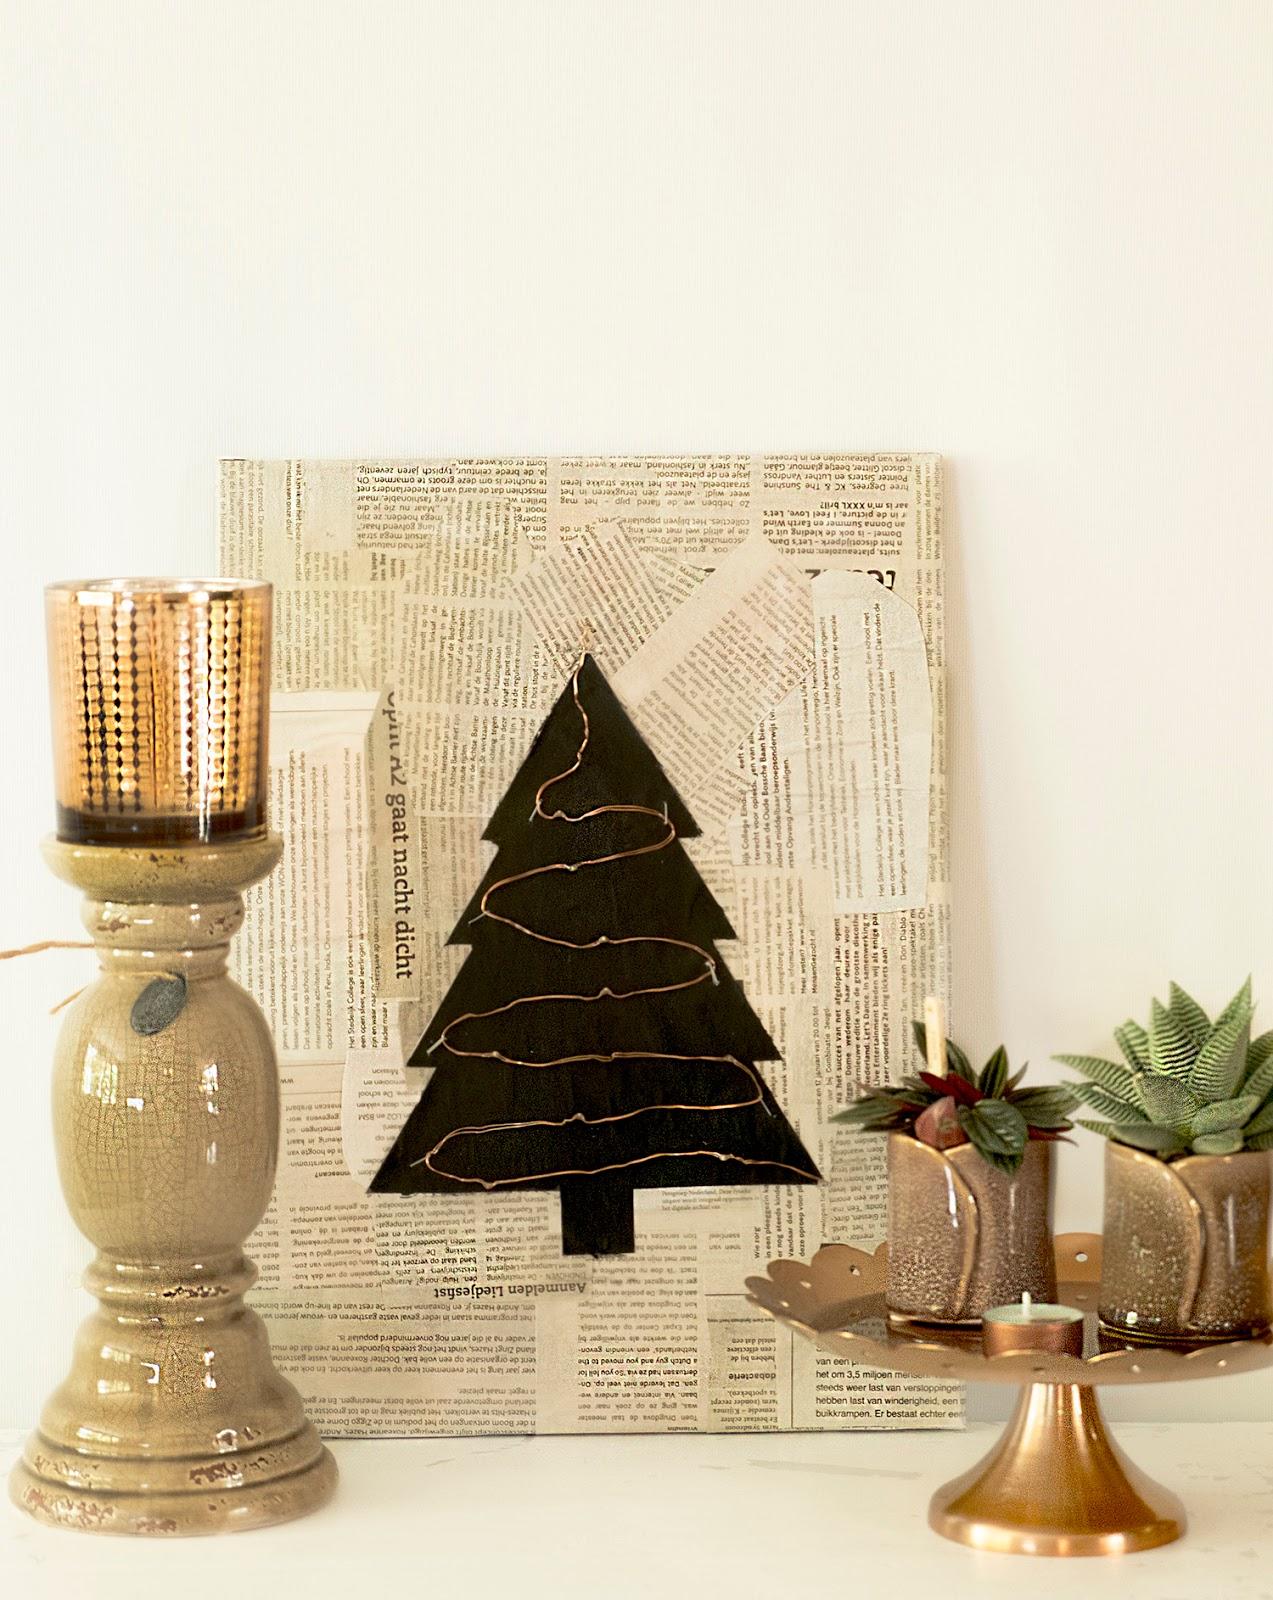 Interieur Ideeen Voor Kerst.Geweldig Idee Voor Kerst Diy Kerst Decoratie Elsarblog